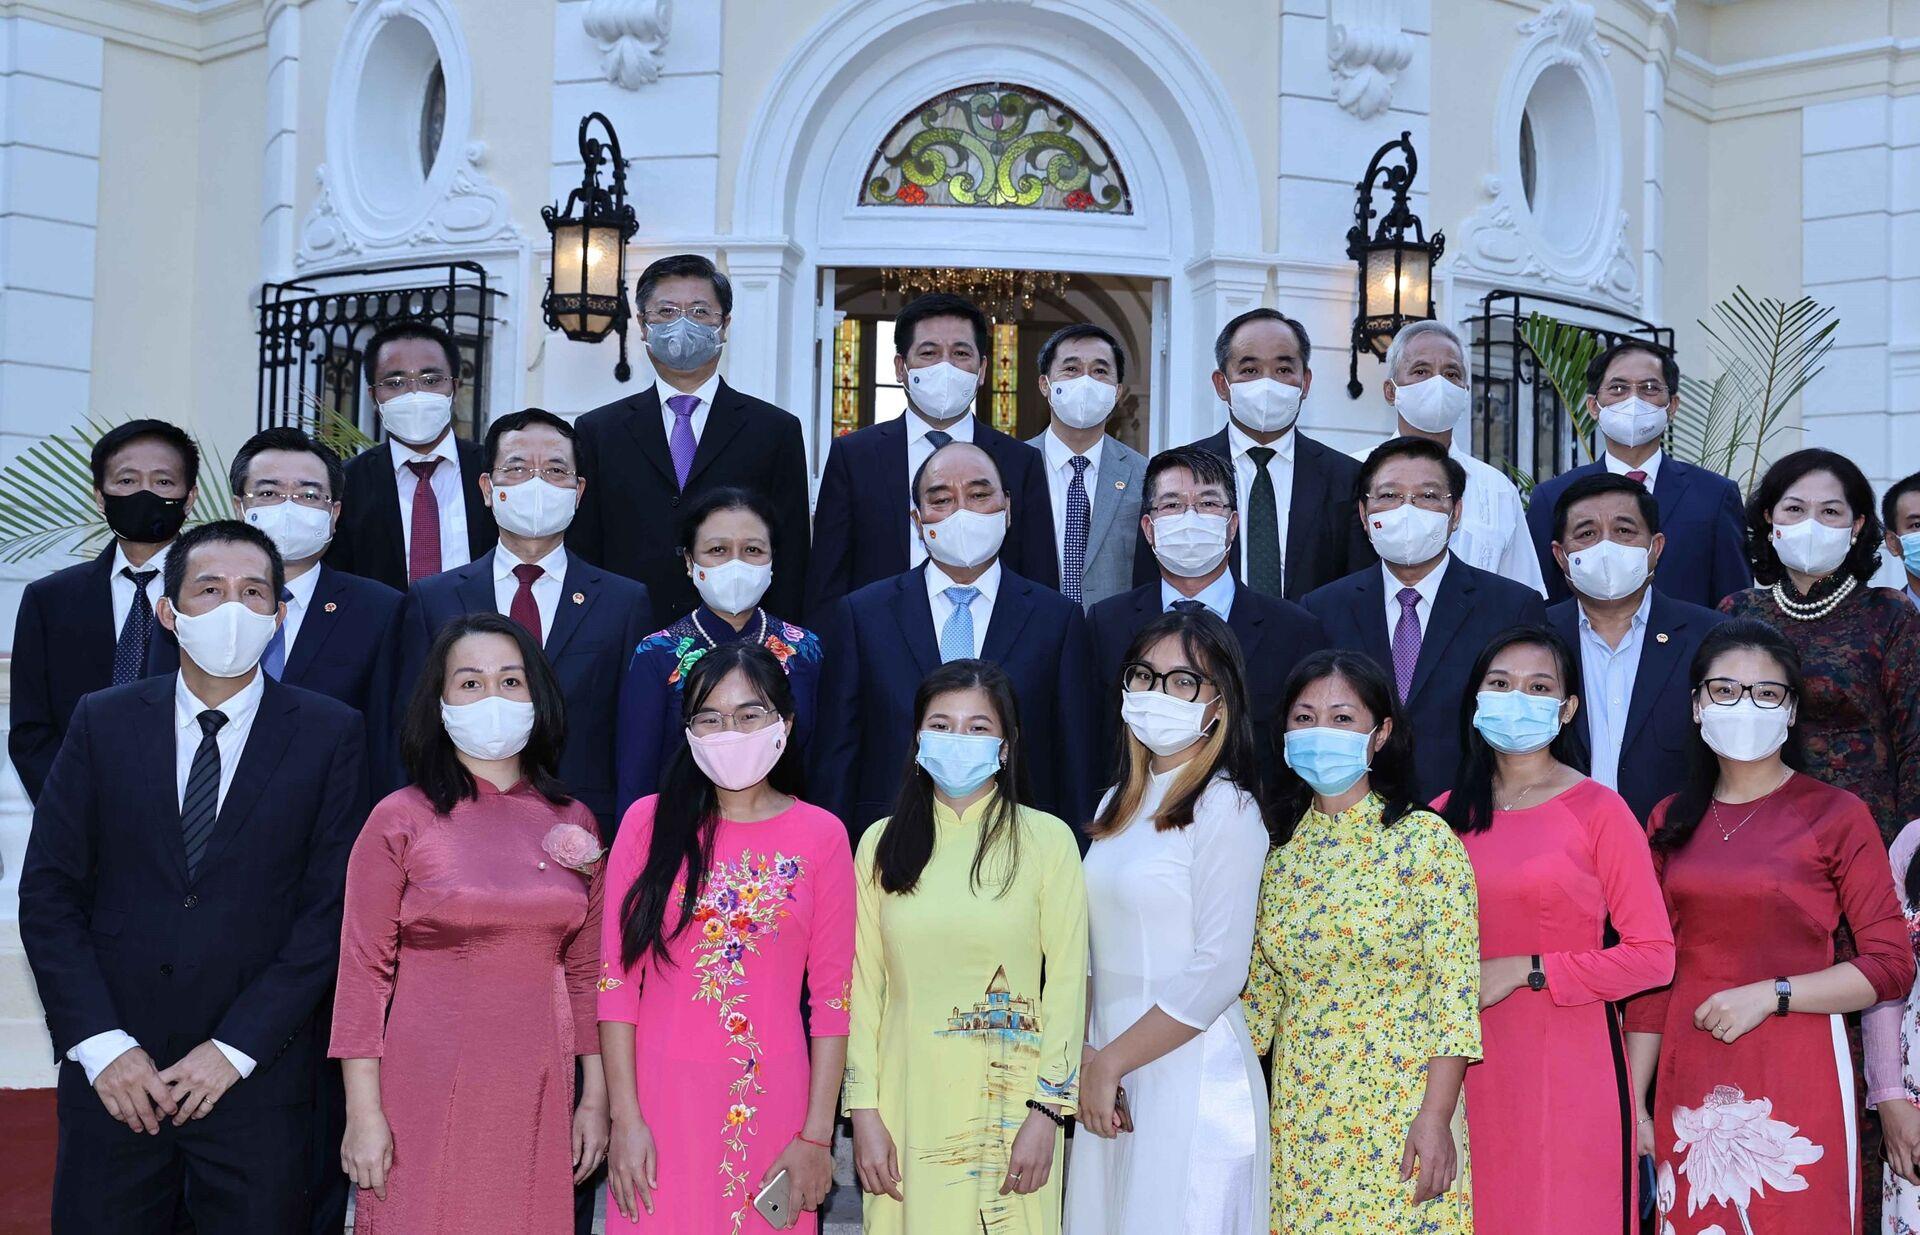 Chủ tịch nước Nguyễn Xuân Phúc với các đại biểu và người Việt Nam đang sinh sống, học tập và làm việc tại Cuba - Sputnik Việt Nam, 1920, 05.10.2021